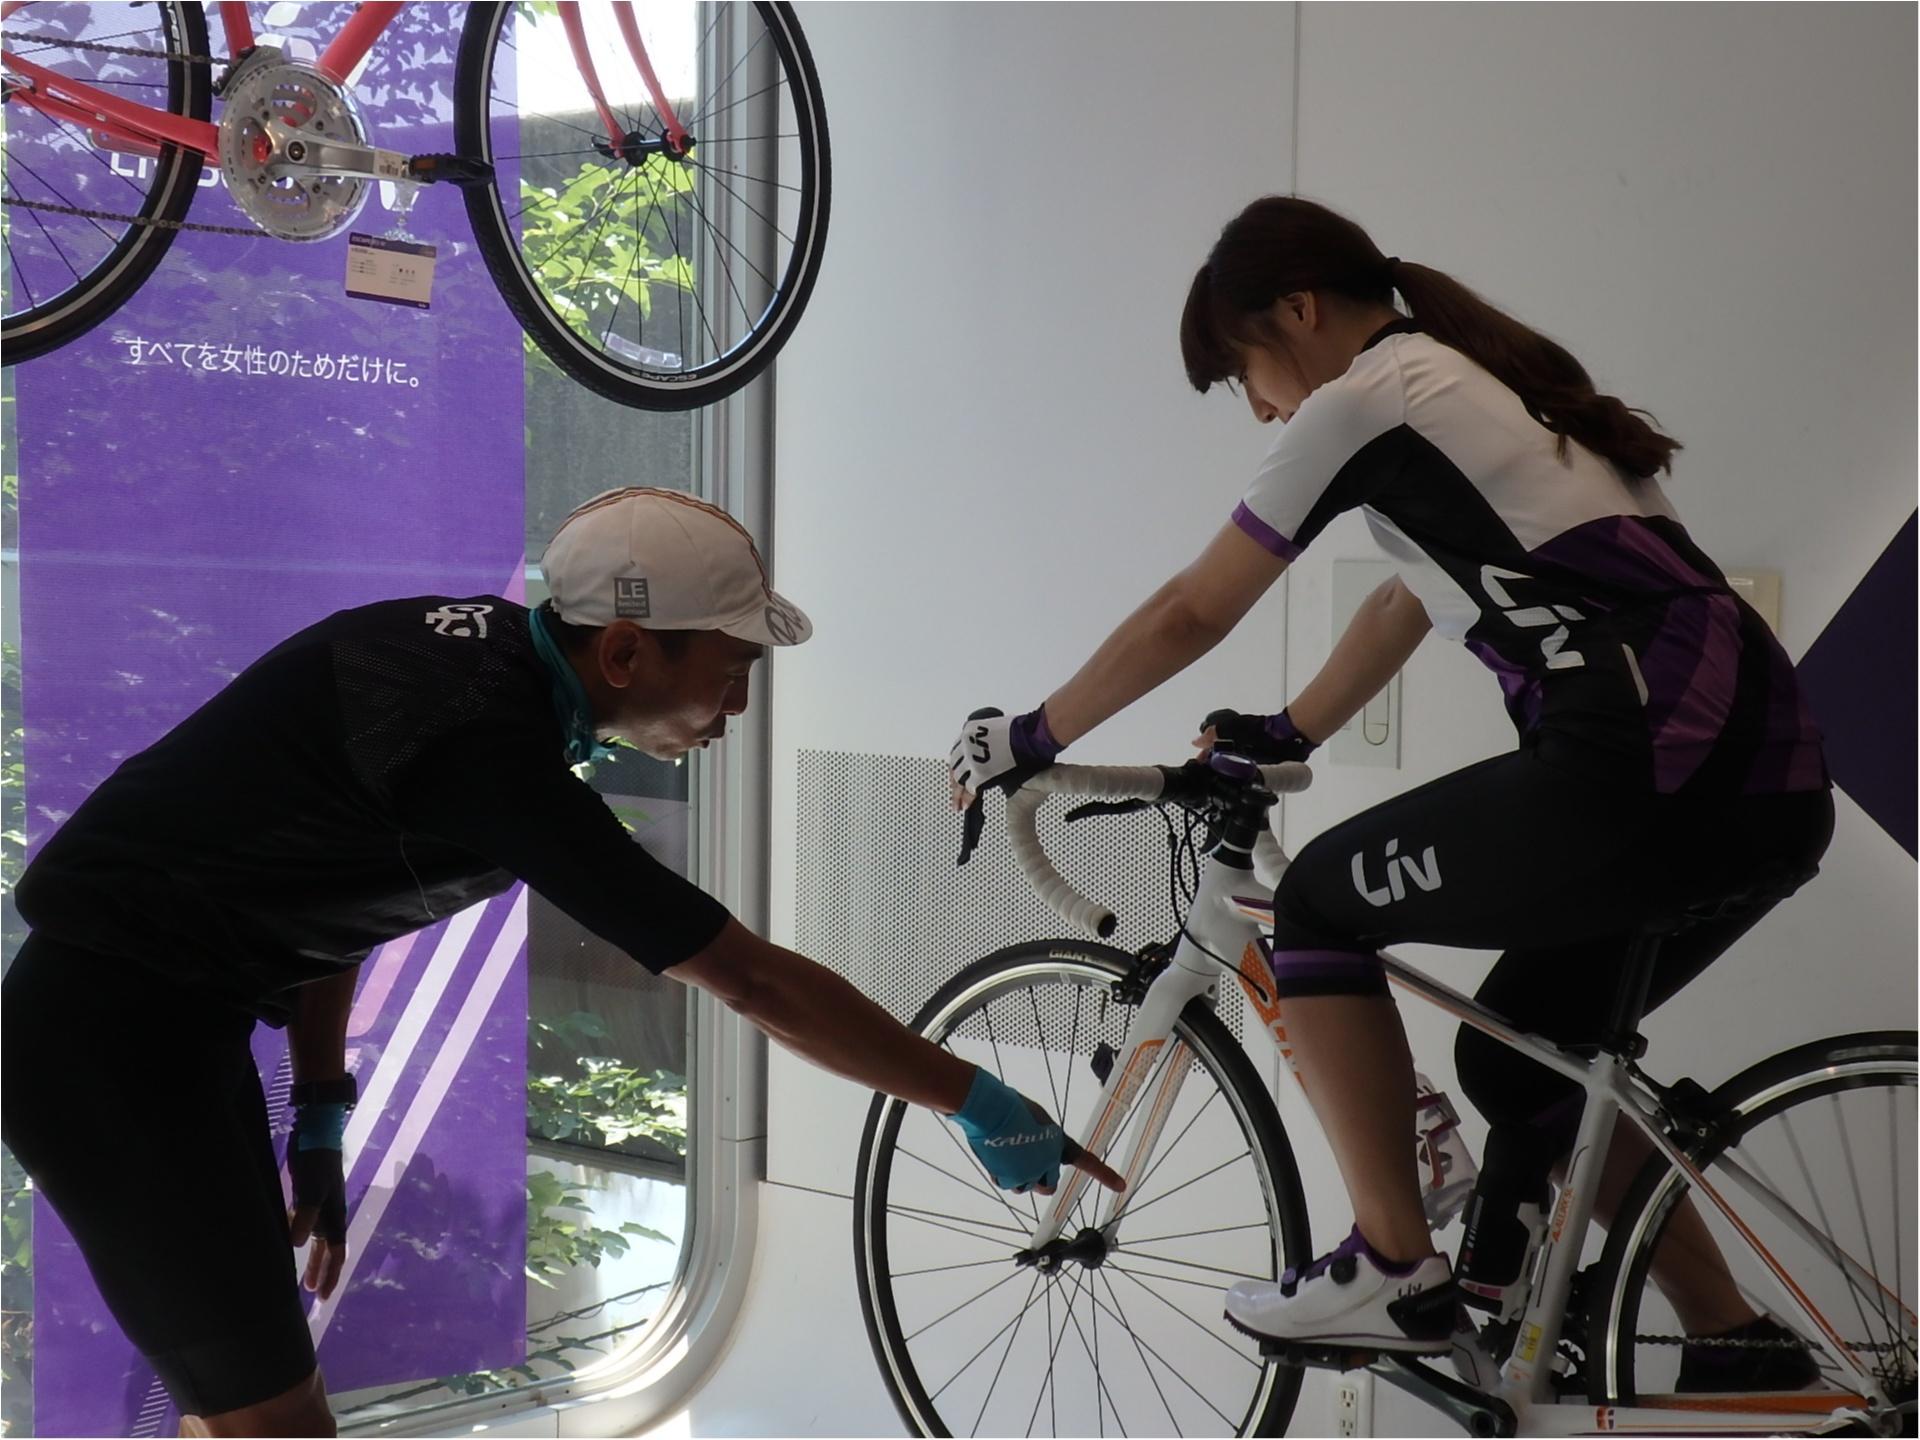 ロードバイク初体験!元オリンピック選手からしっかり教わります!#ツール・ド・東北【#モアチャレ あかね】_2